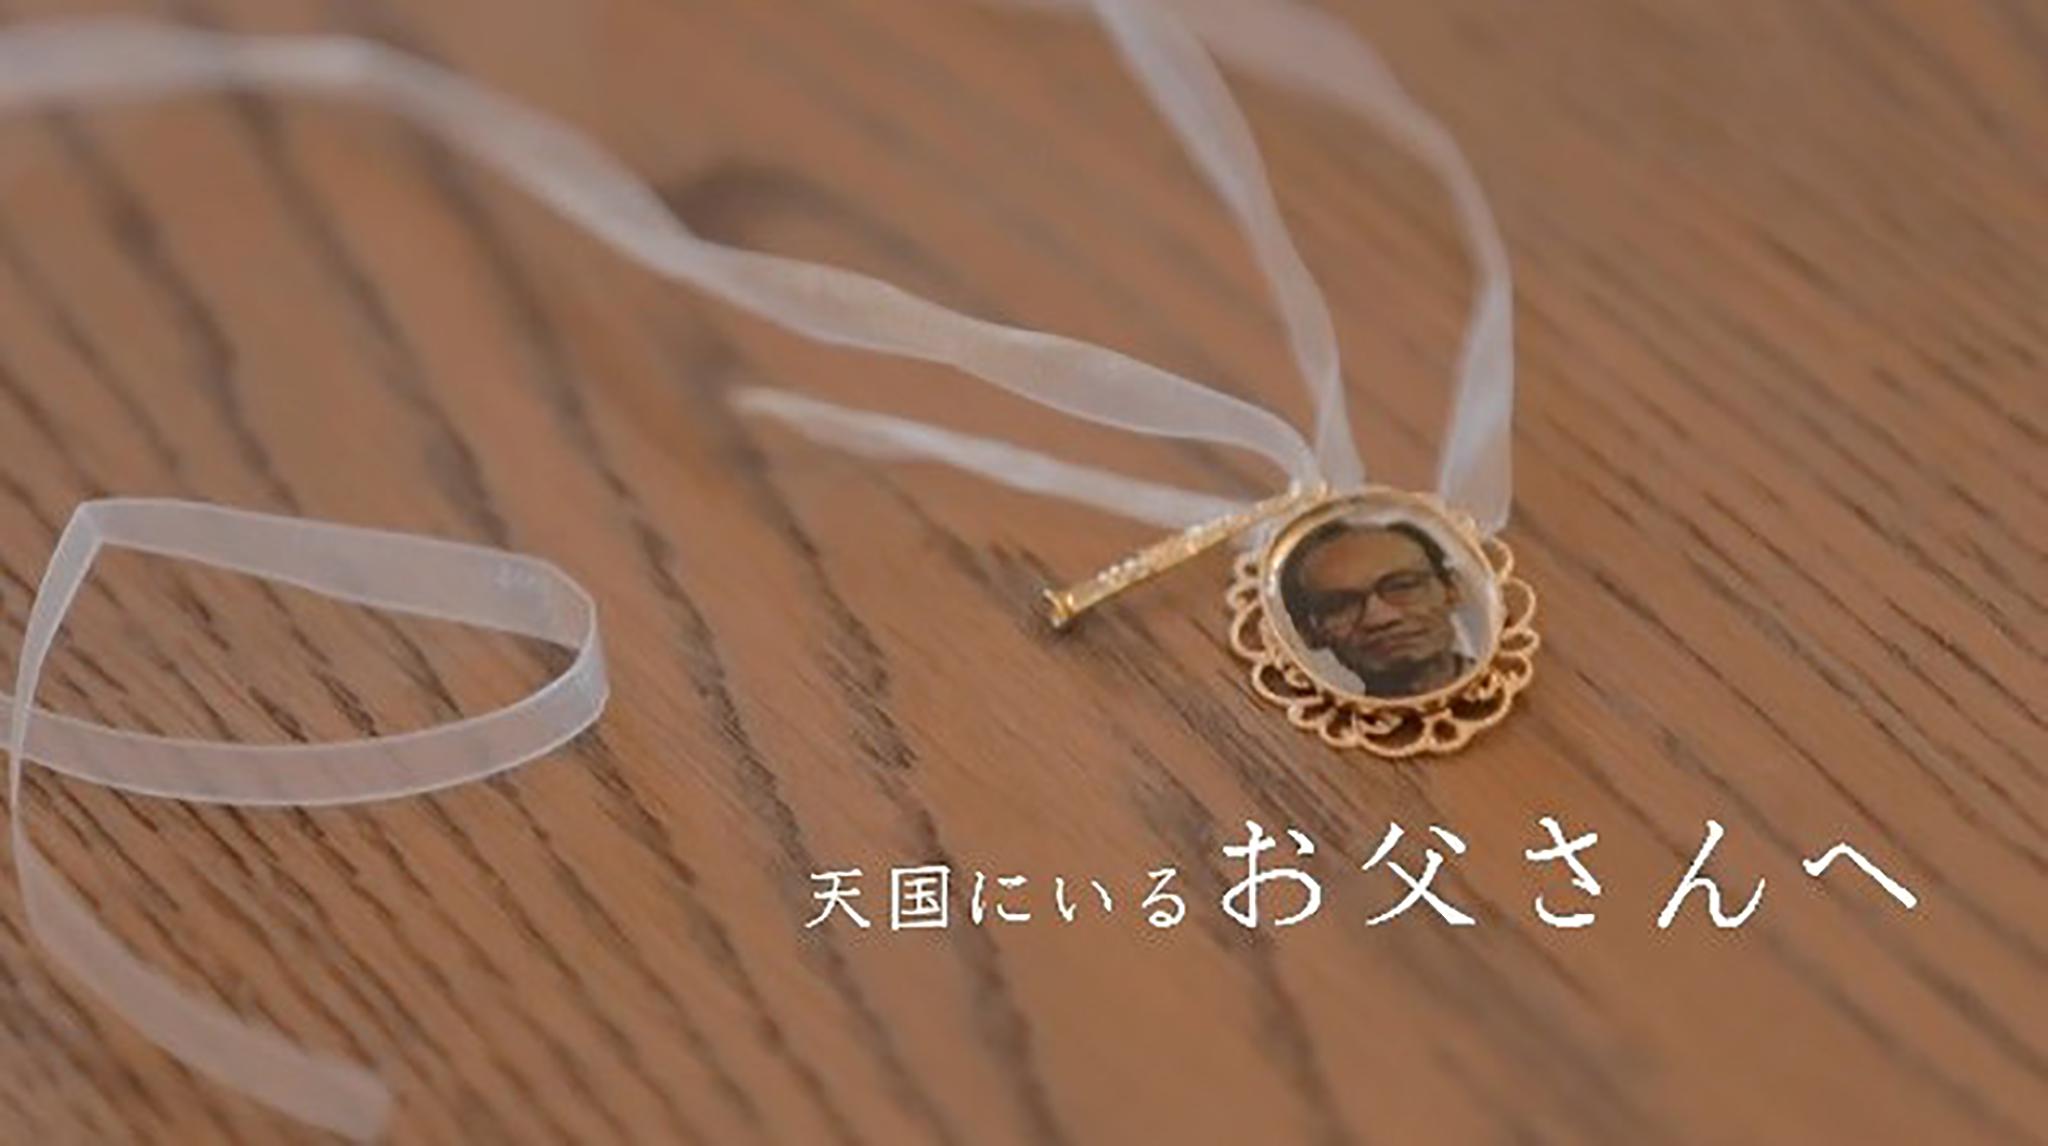 【お父さん、ありがとう】娘から亡き父へ届けたかった想い